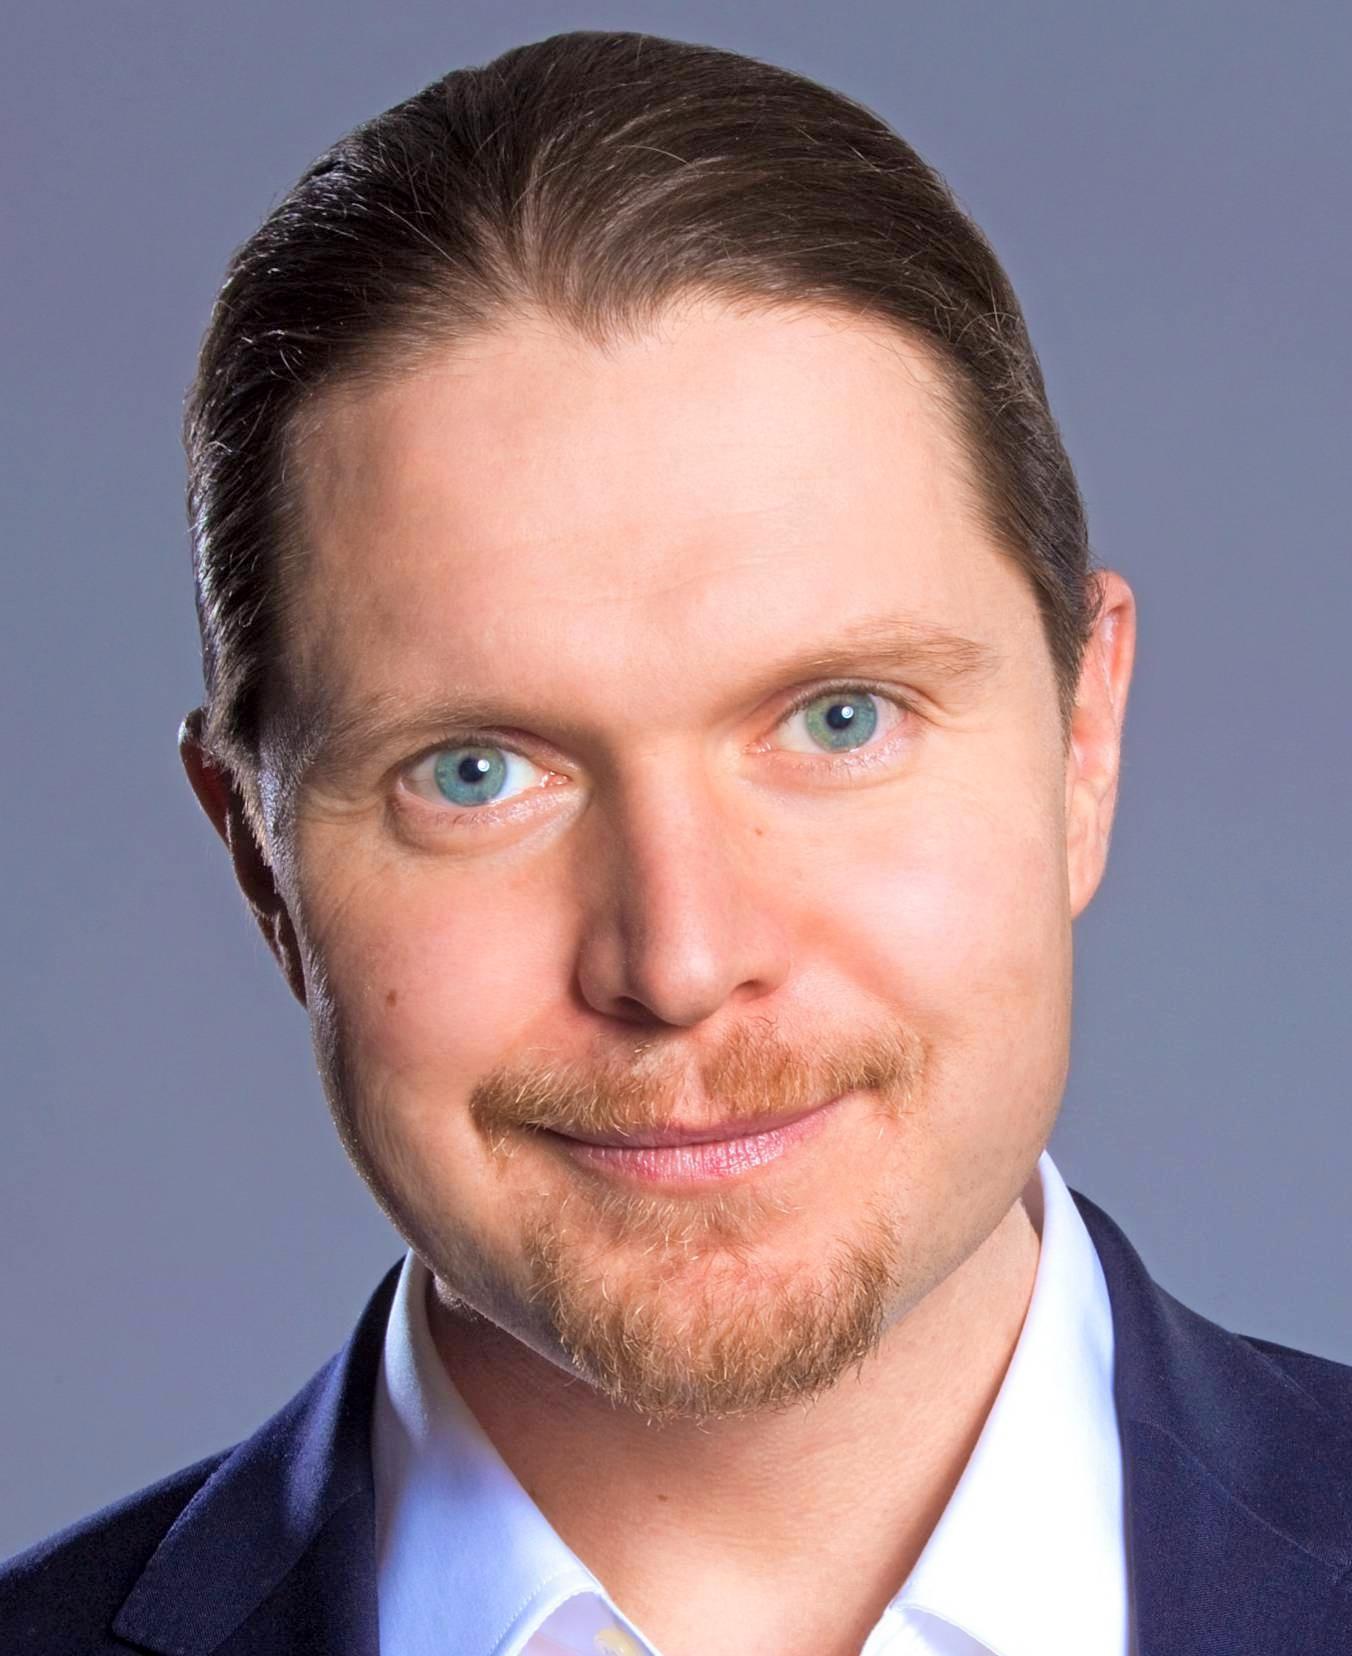 Jochen Kaufmann Heilbronn